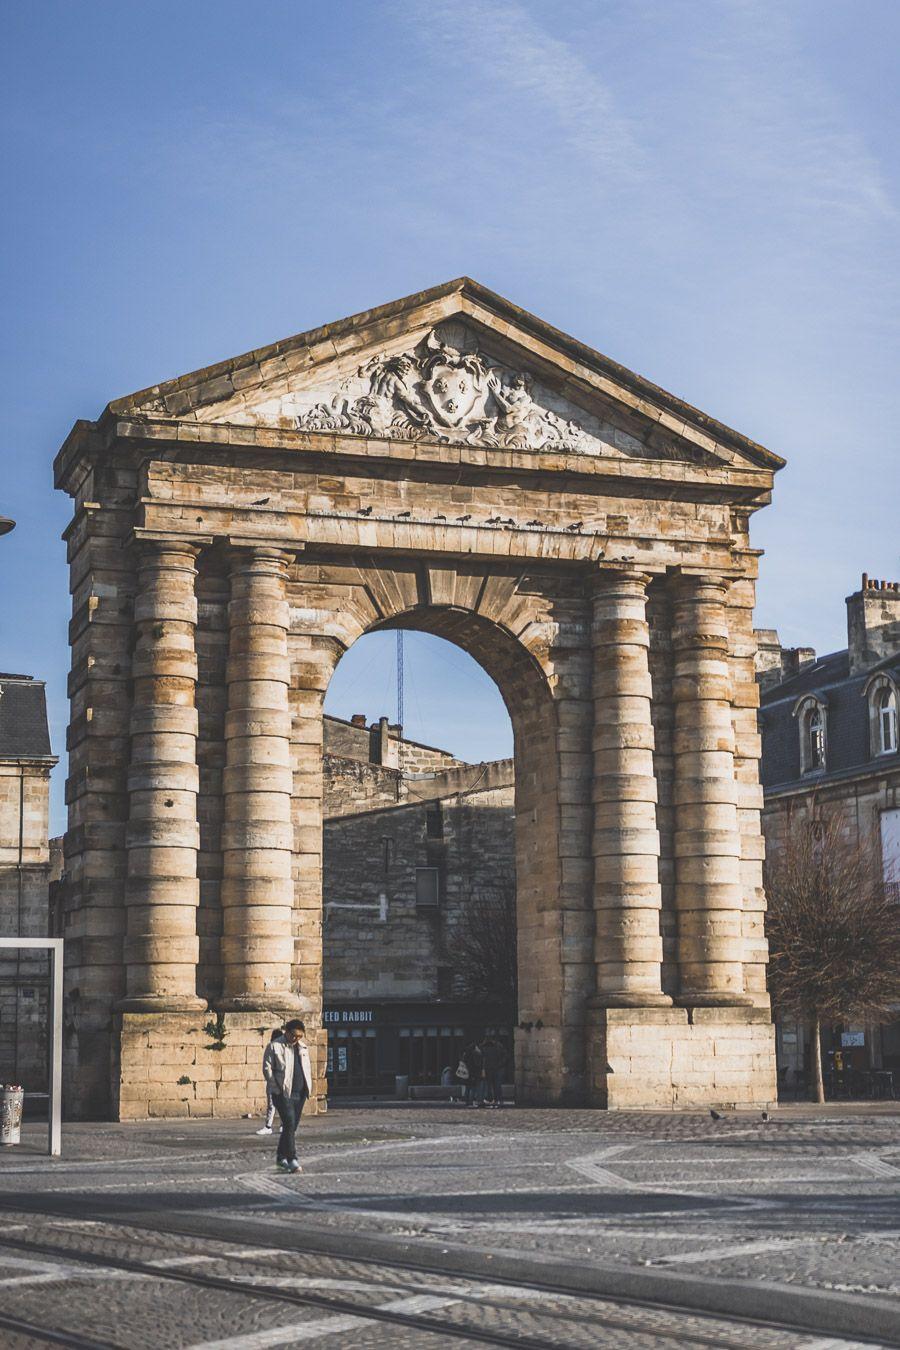 Visiter Bordeaux en 2 jours - la place de la Victoire